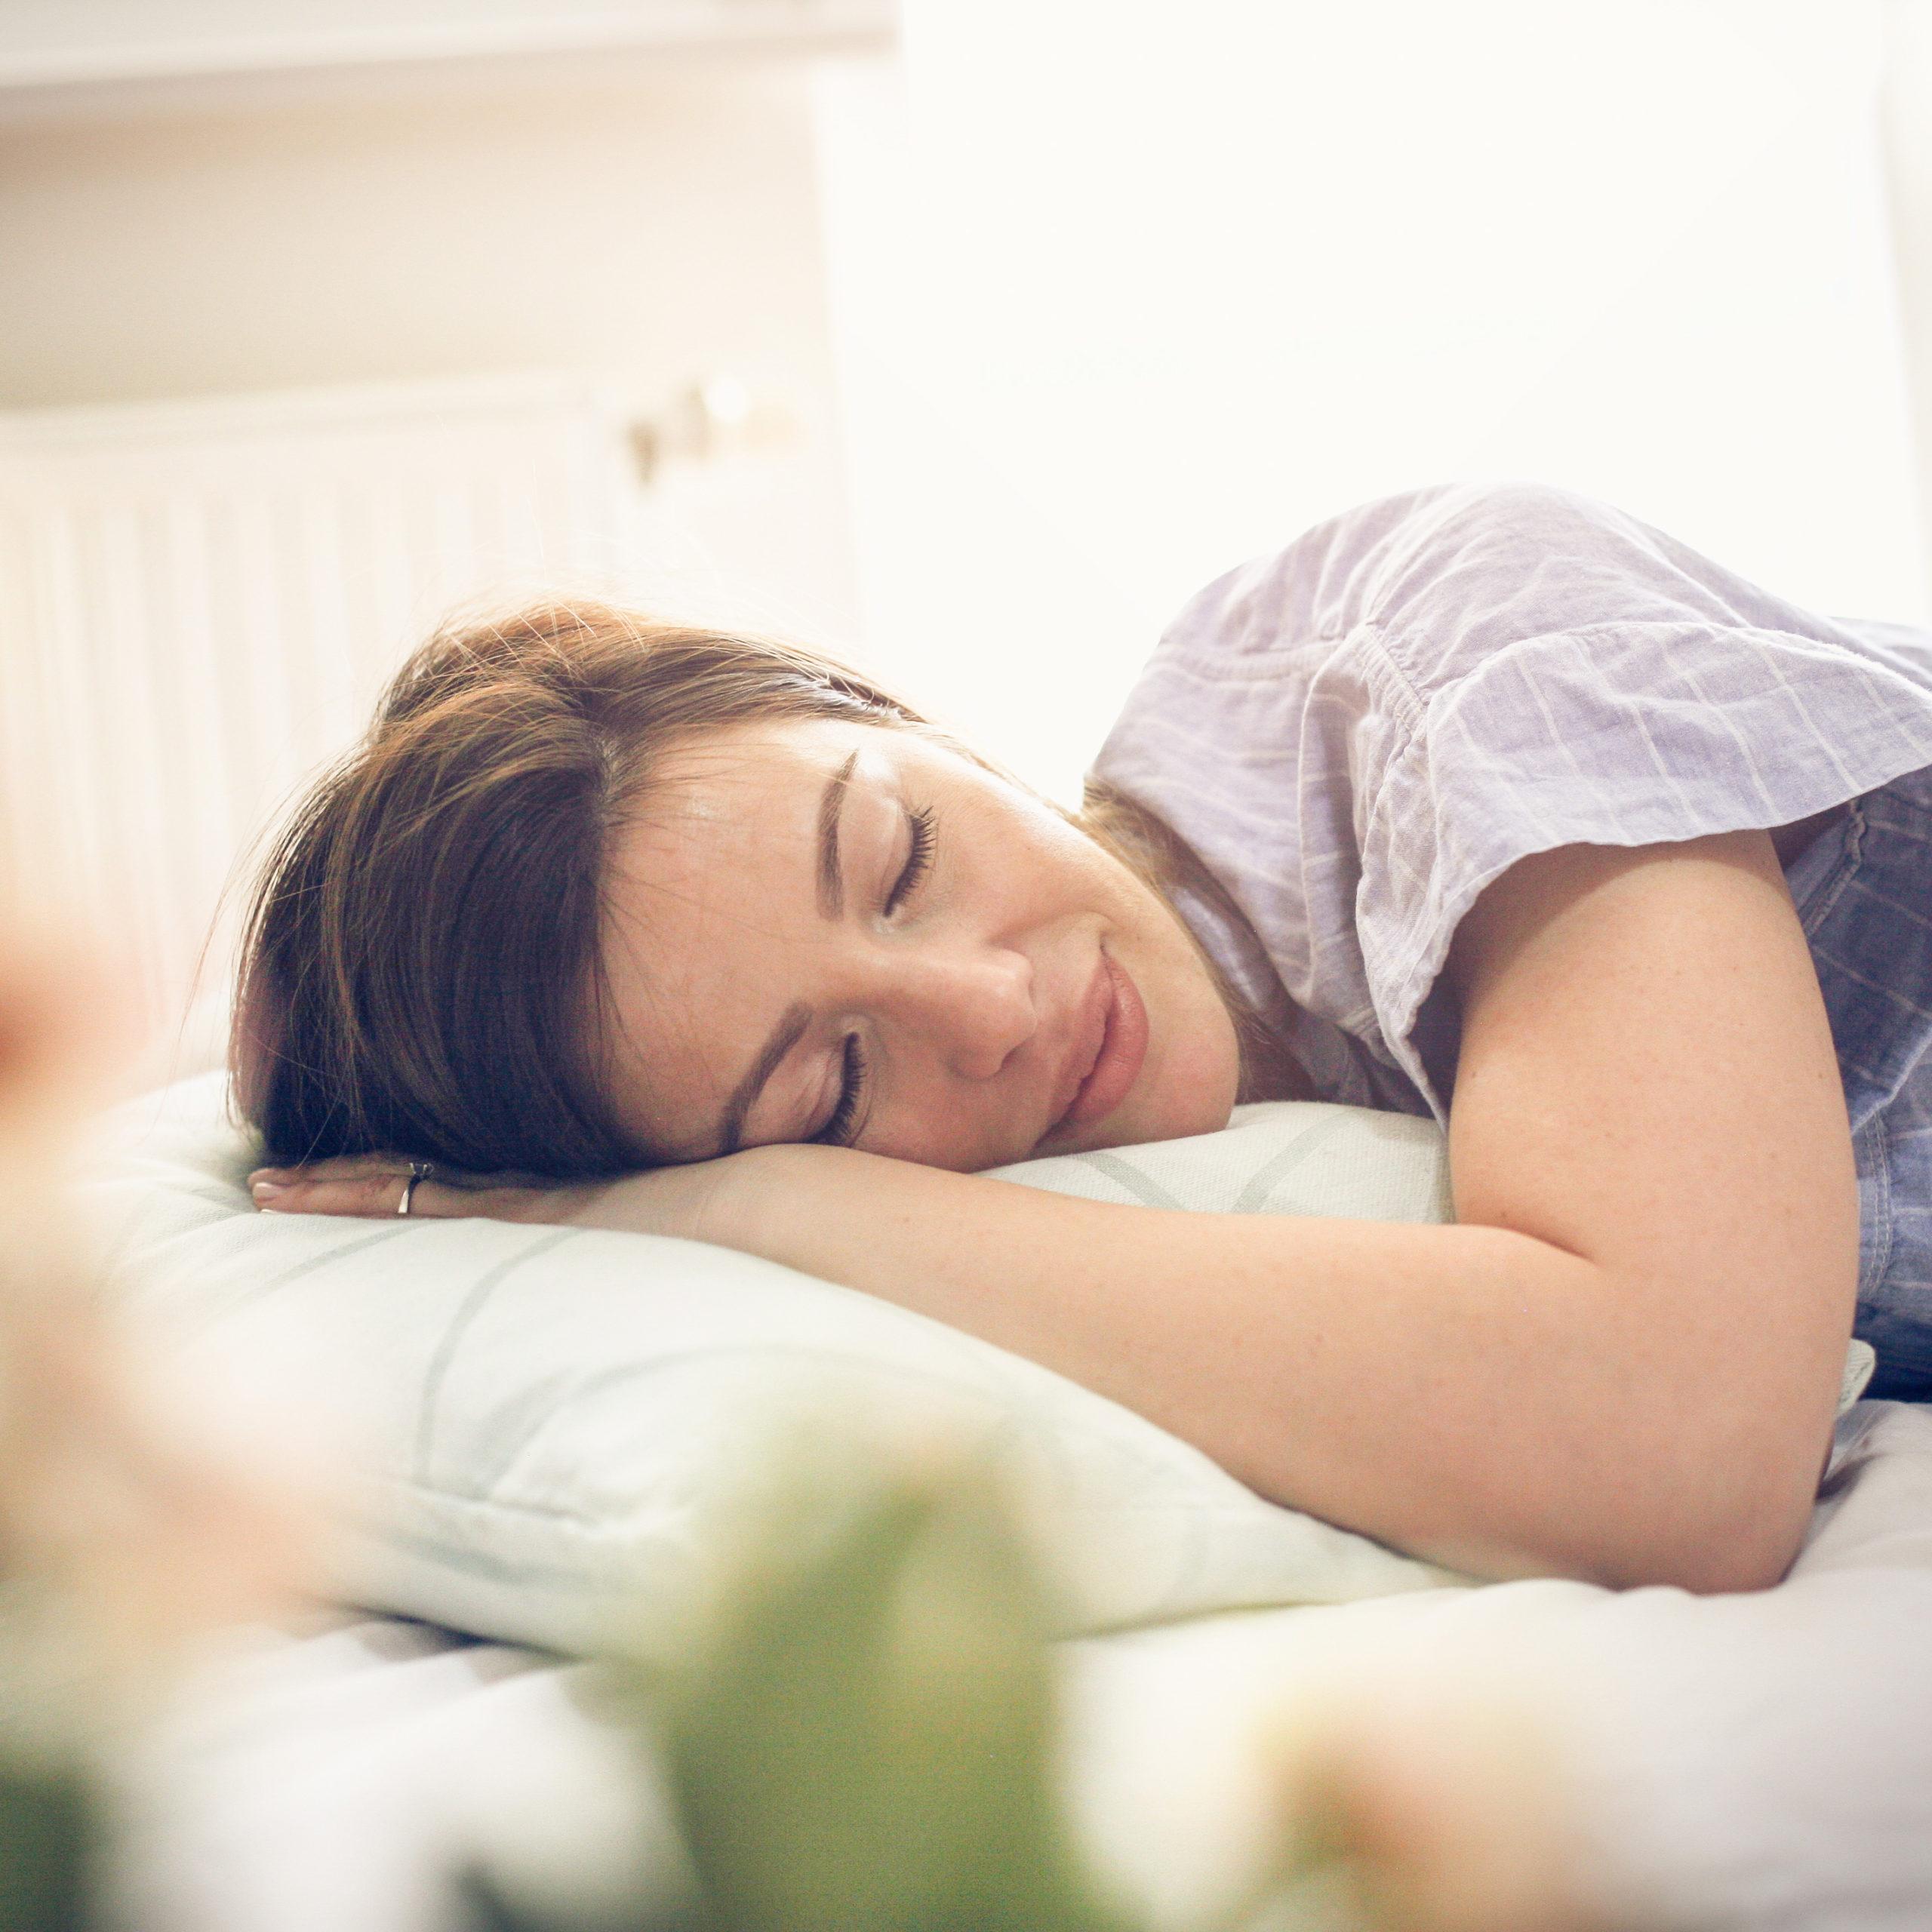 Sleep and mood influencing